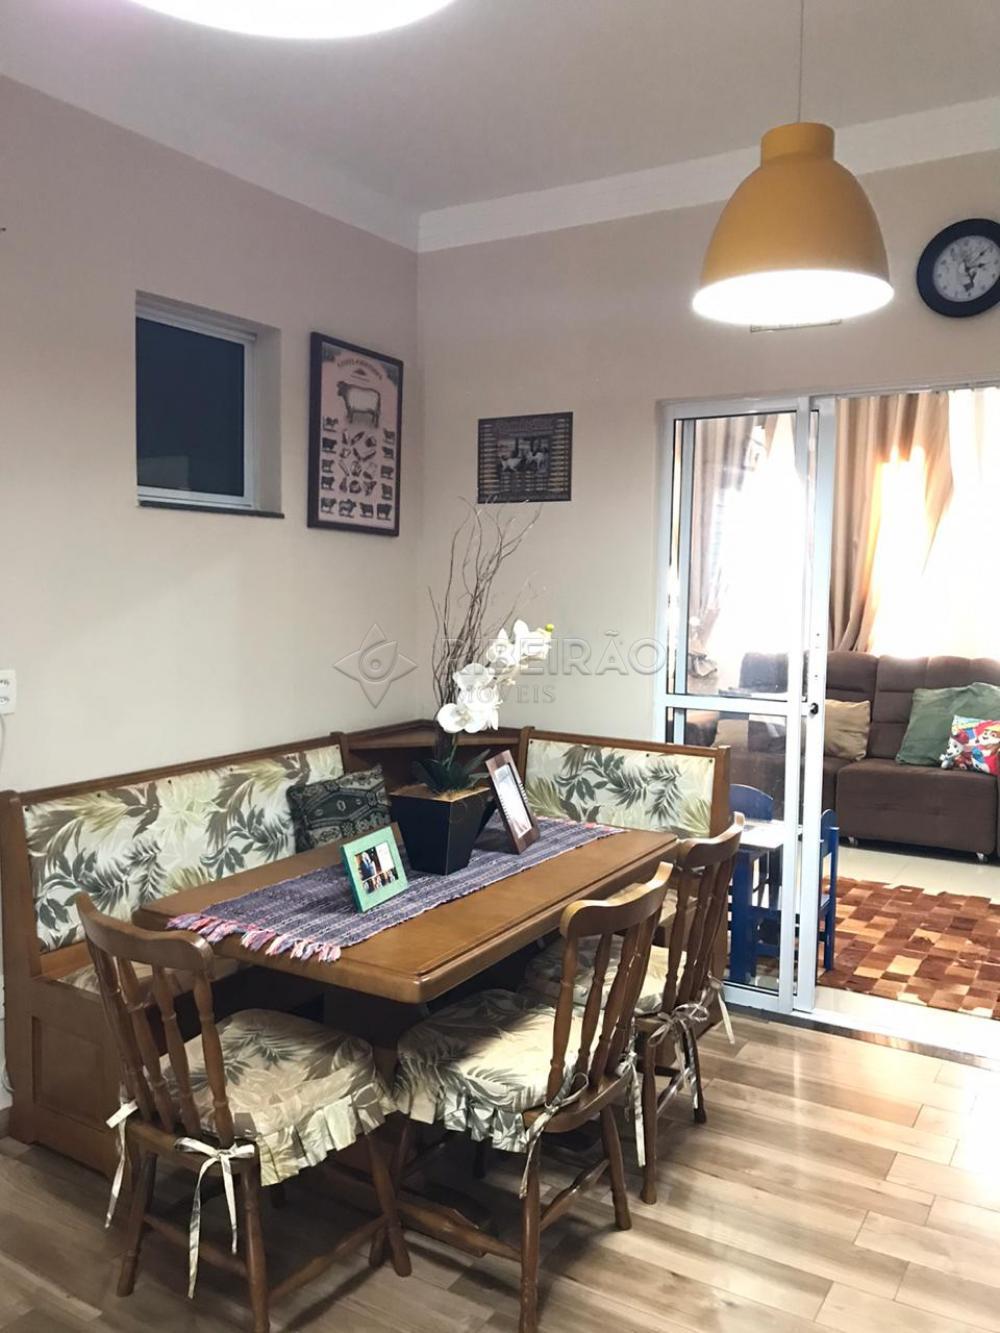 Alugar Casa / Condomínio em Cravinhos apenas R$ 3.500,00 - Foto 25